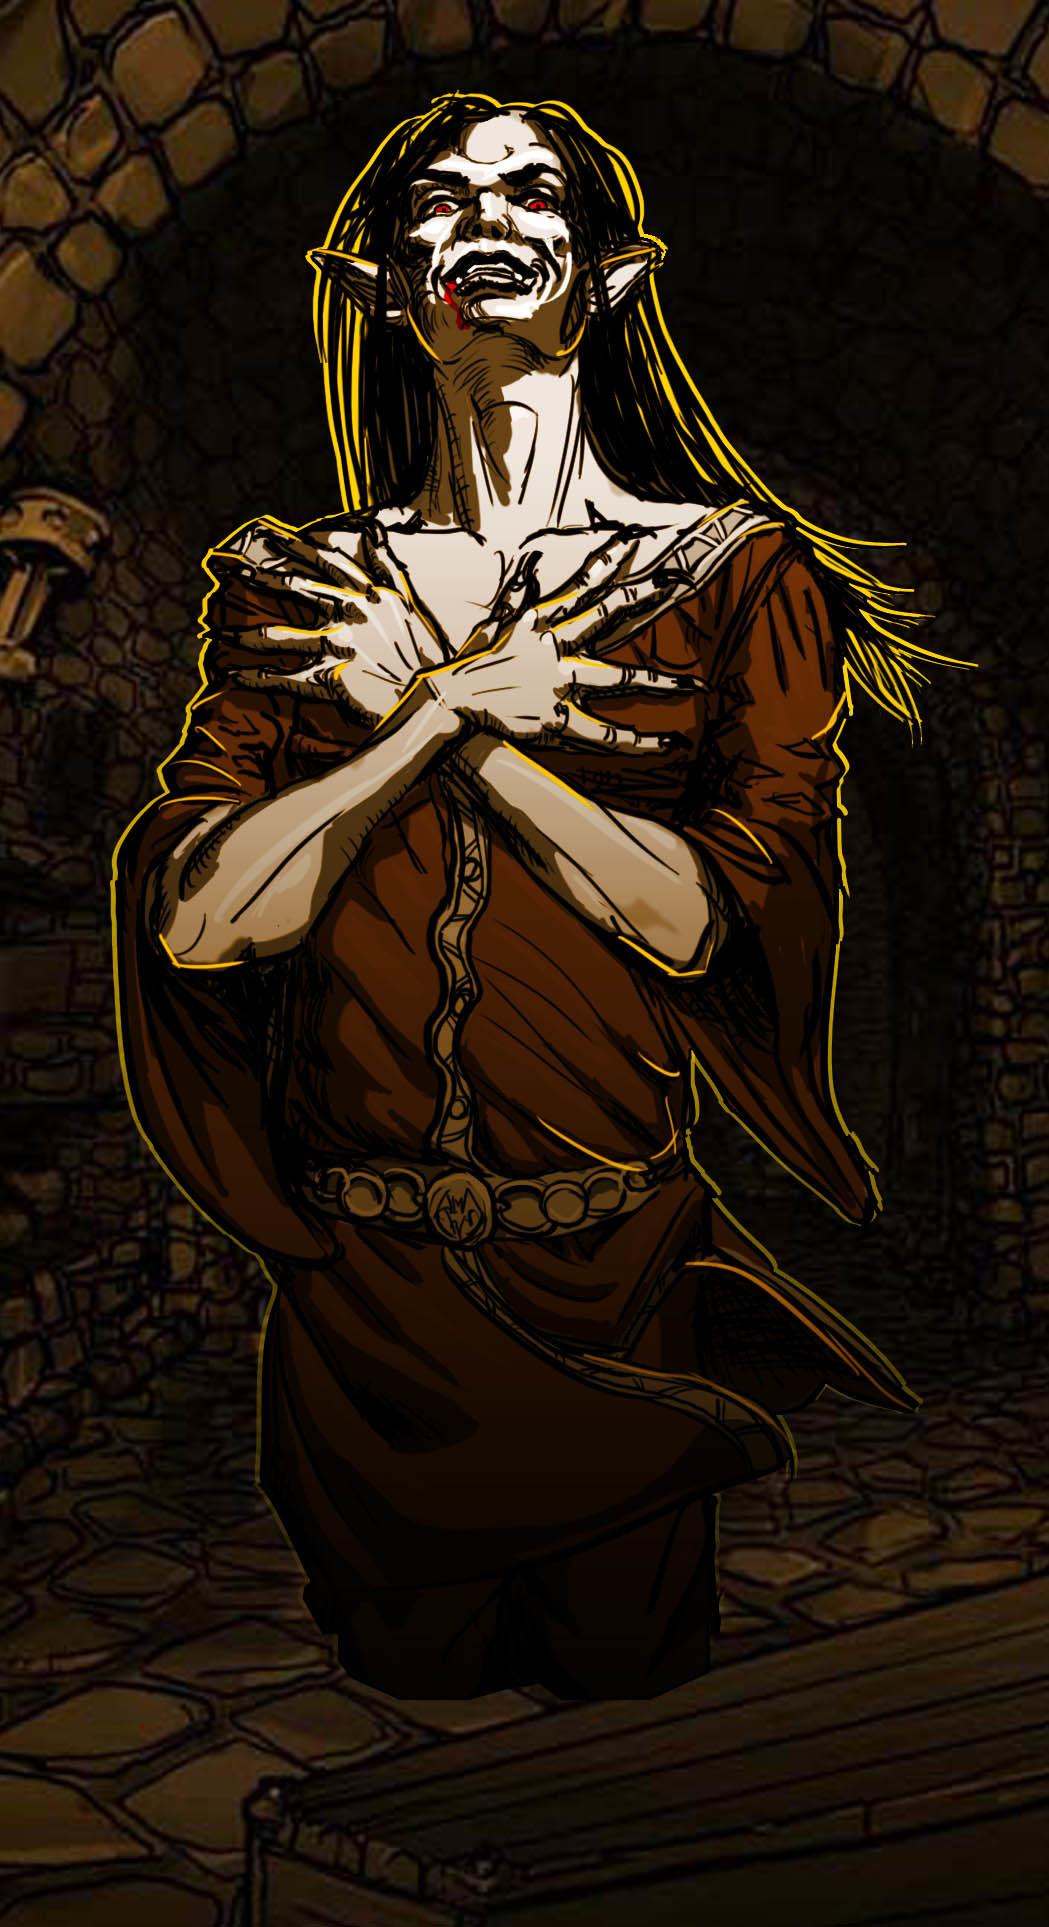 Juan miguel lopez barea vampire hombre